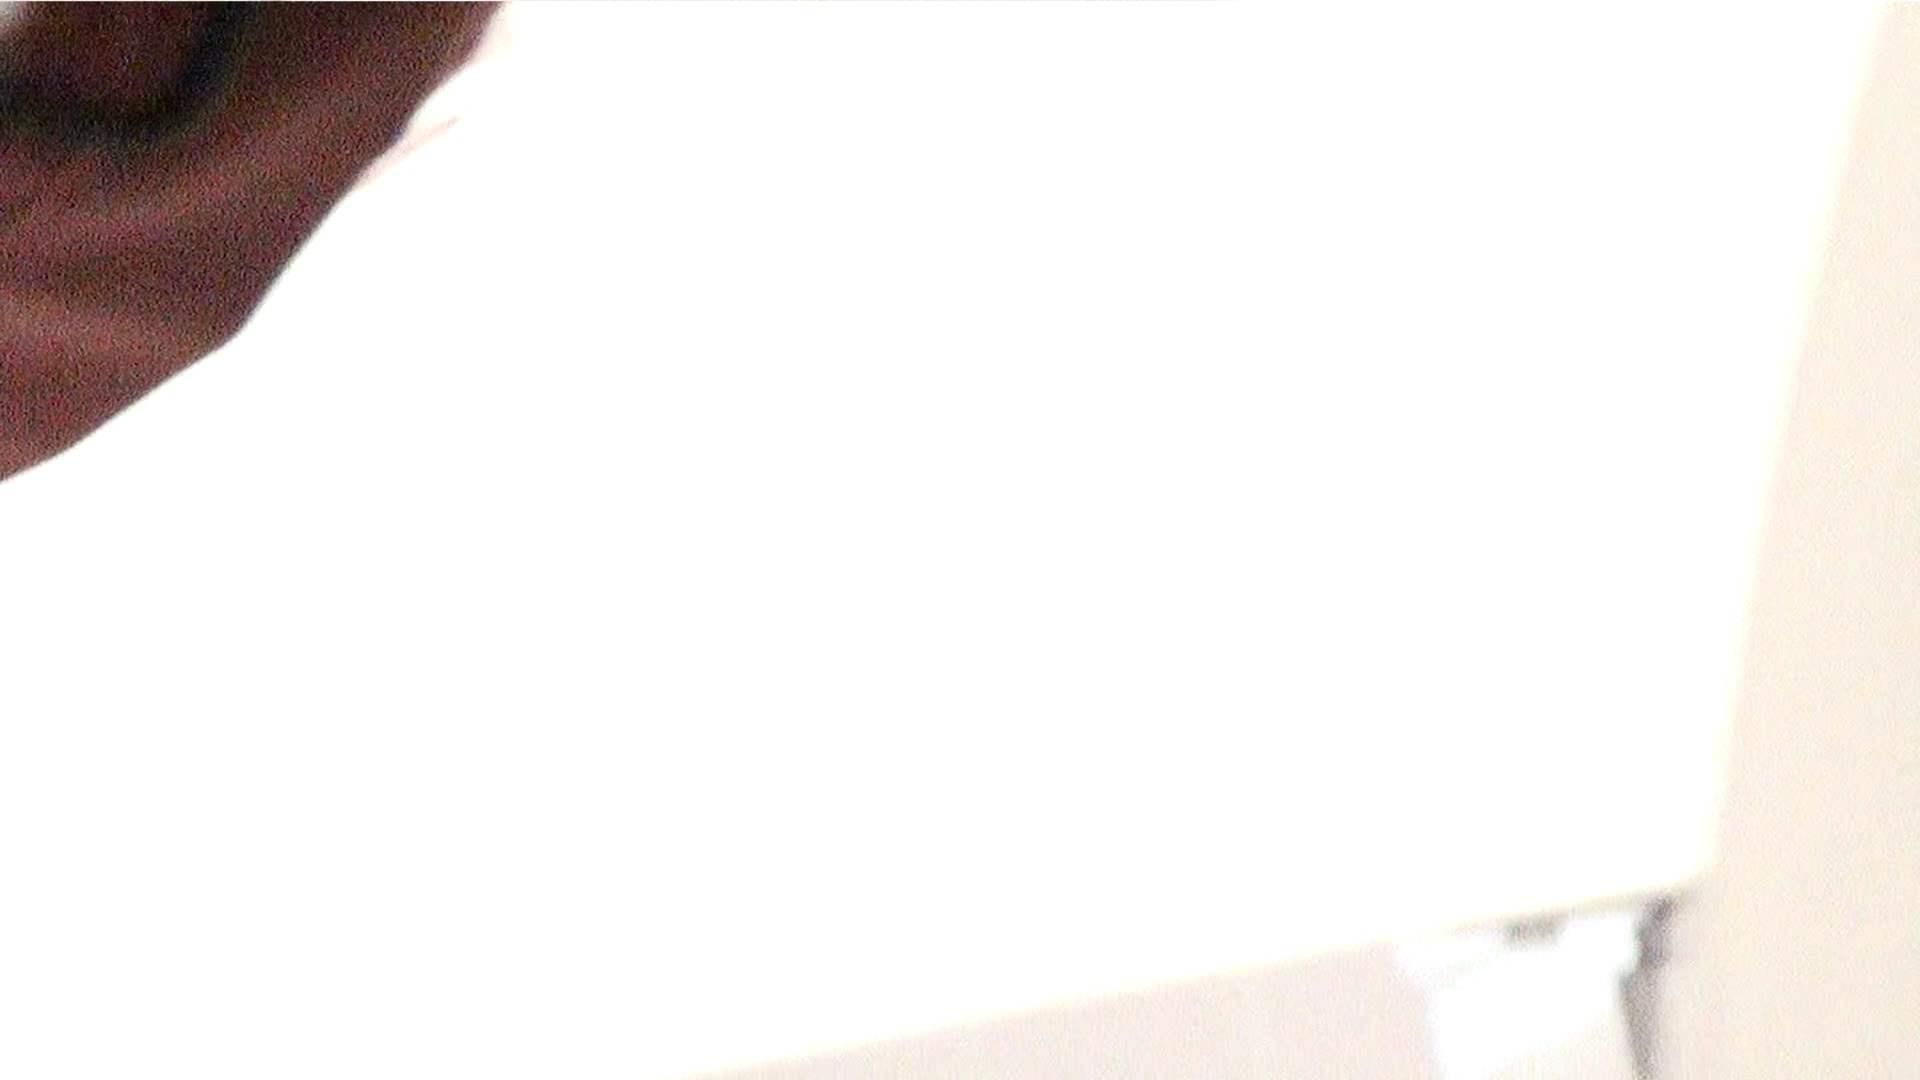 ※100個限定販売 至高下半身盗撮 プレミアム Vol.28 ハイビジョン 盗撮で悶絶 ワレメ動画紹介 107画像 5